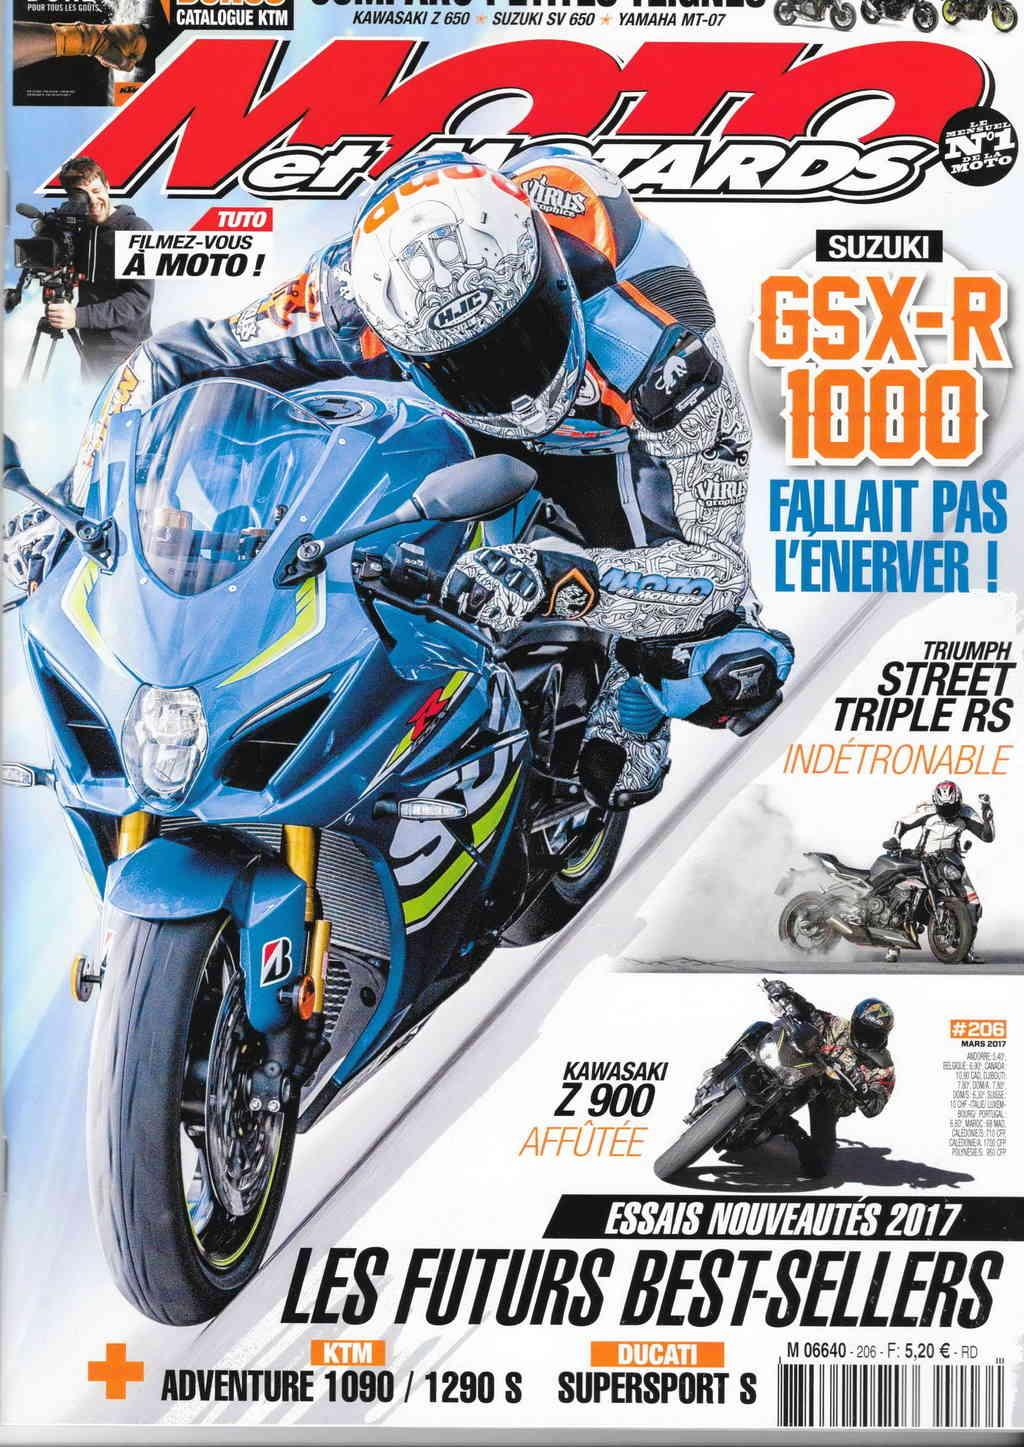 Livre, Magazine, En kiosque, Presse Spécialisée, Canard Moto, Bouquin  - Page 16 Filena10